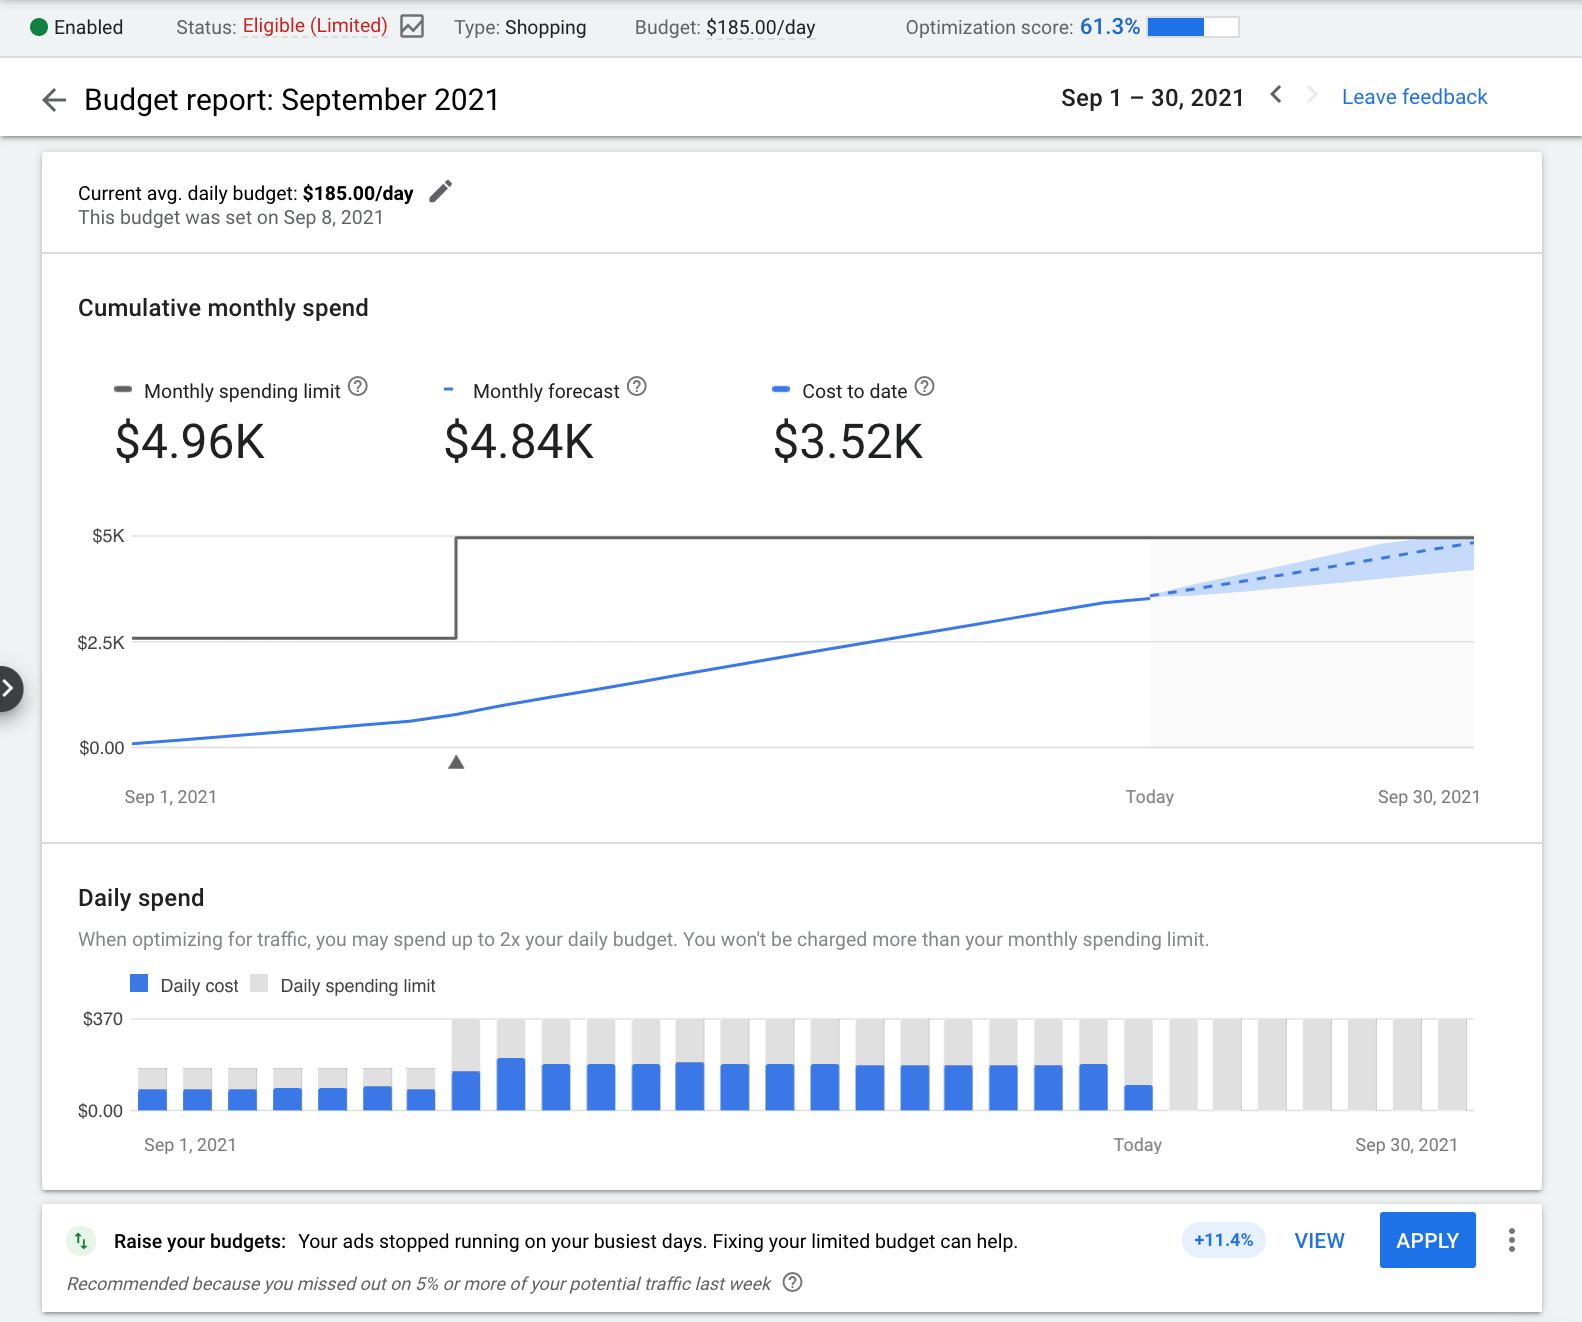 Как посмотреть отчёт о бюджете в Google Ads